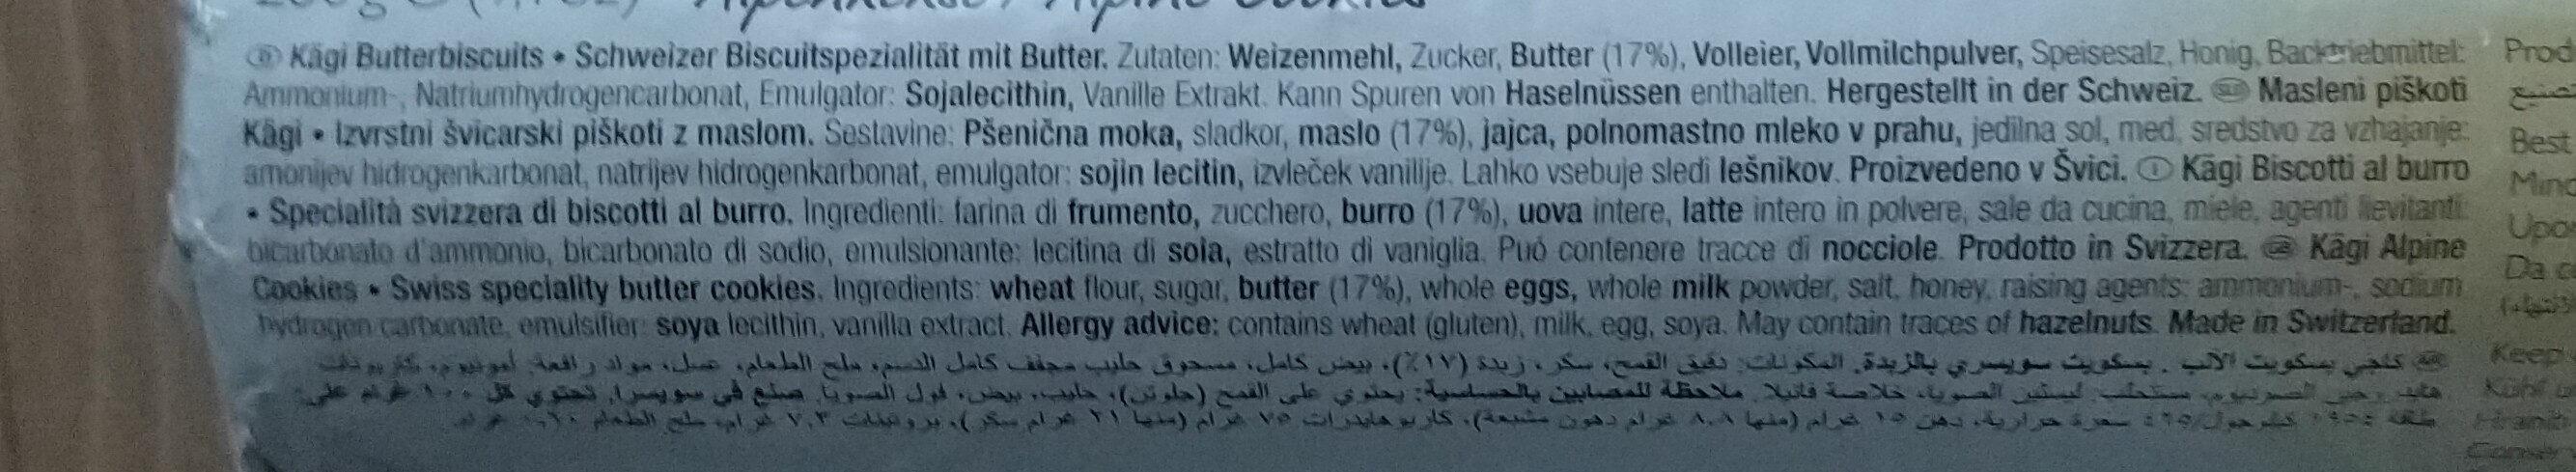 Biscuit au beurre - Inhaltsstoffe - de